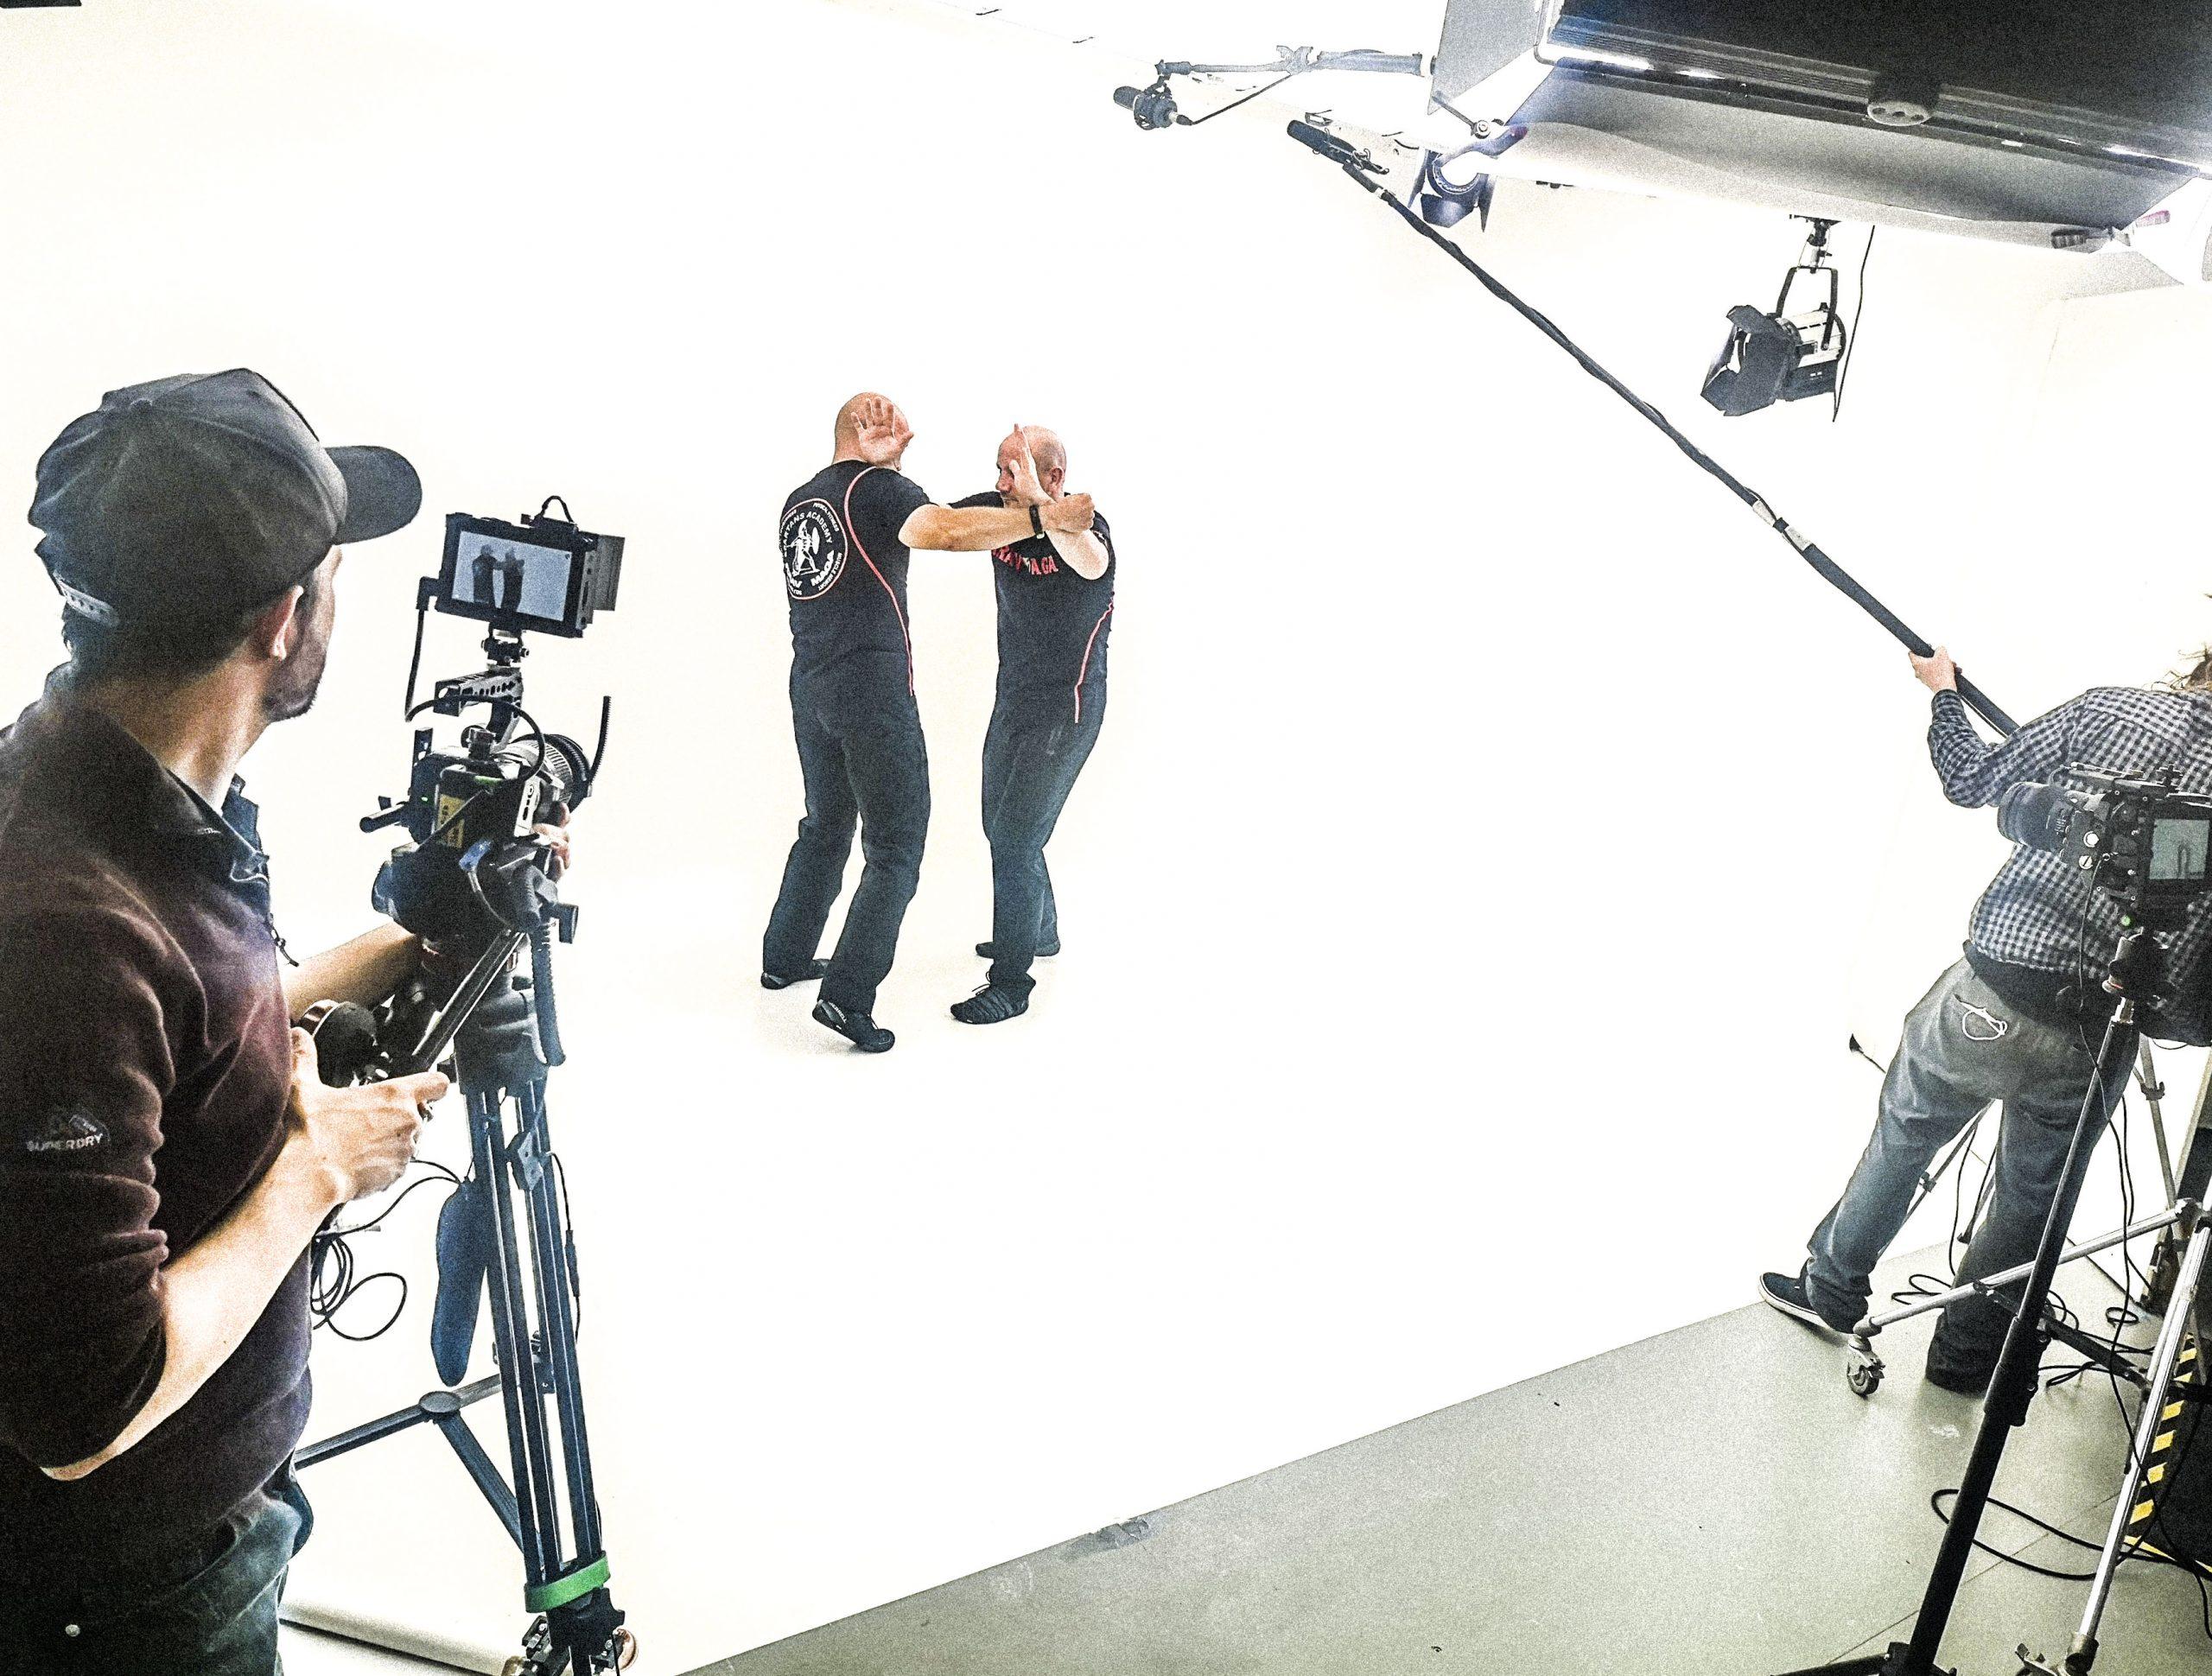 krav maga trainers in big browndoors studio leeds